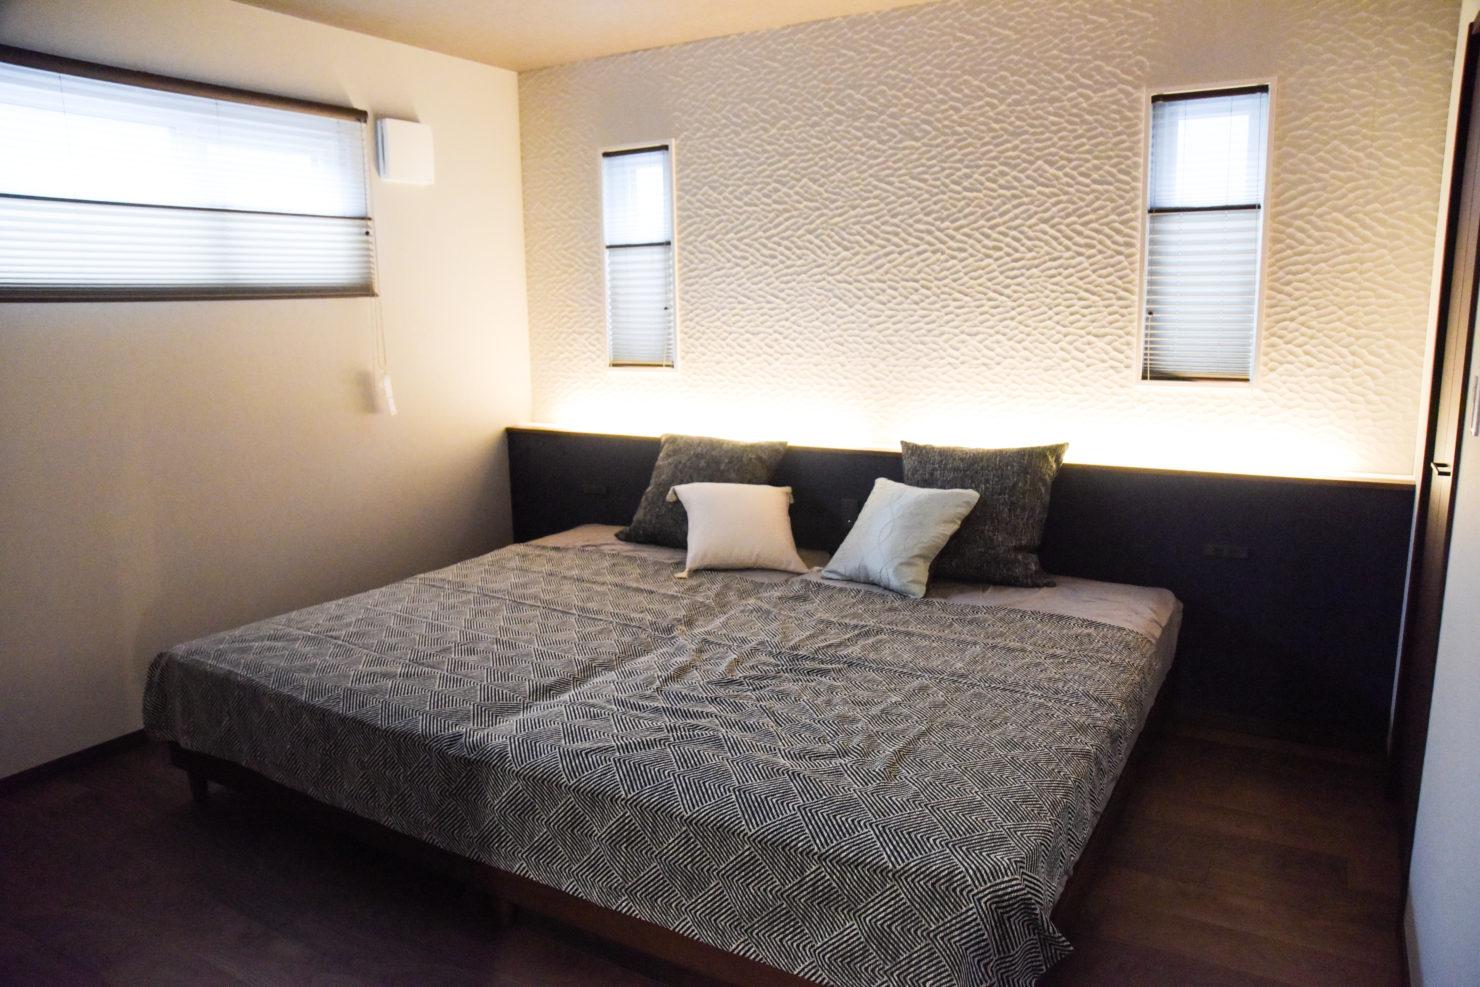 ハウスM21「仲間が集う場所」寝室写真